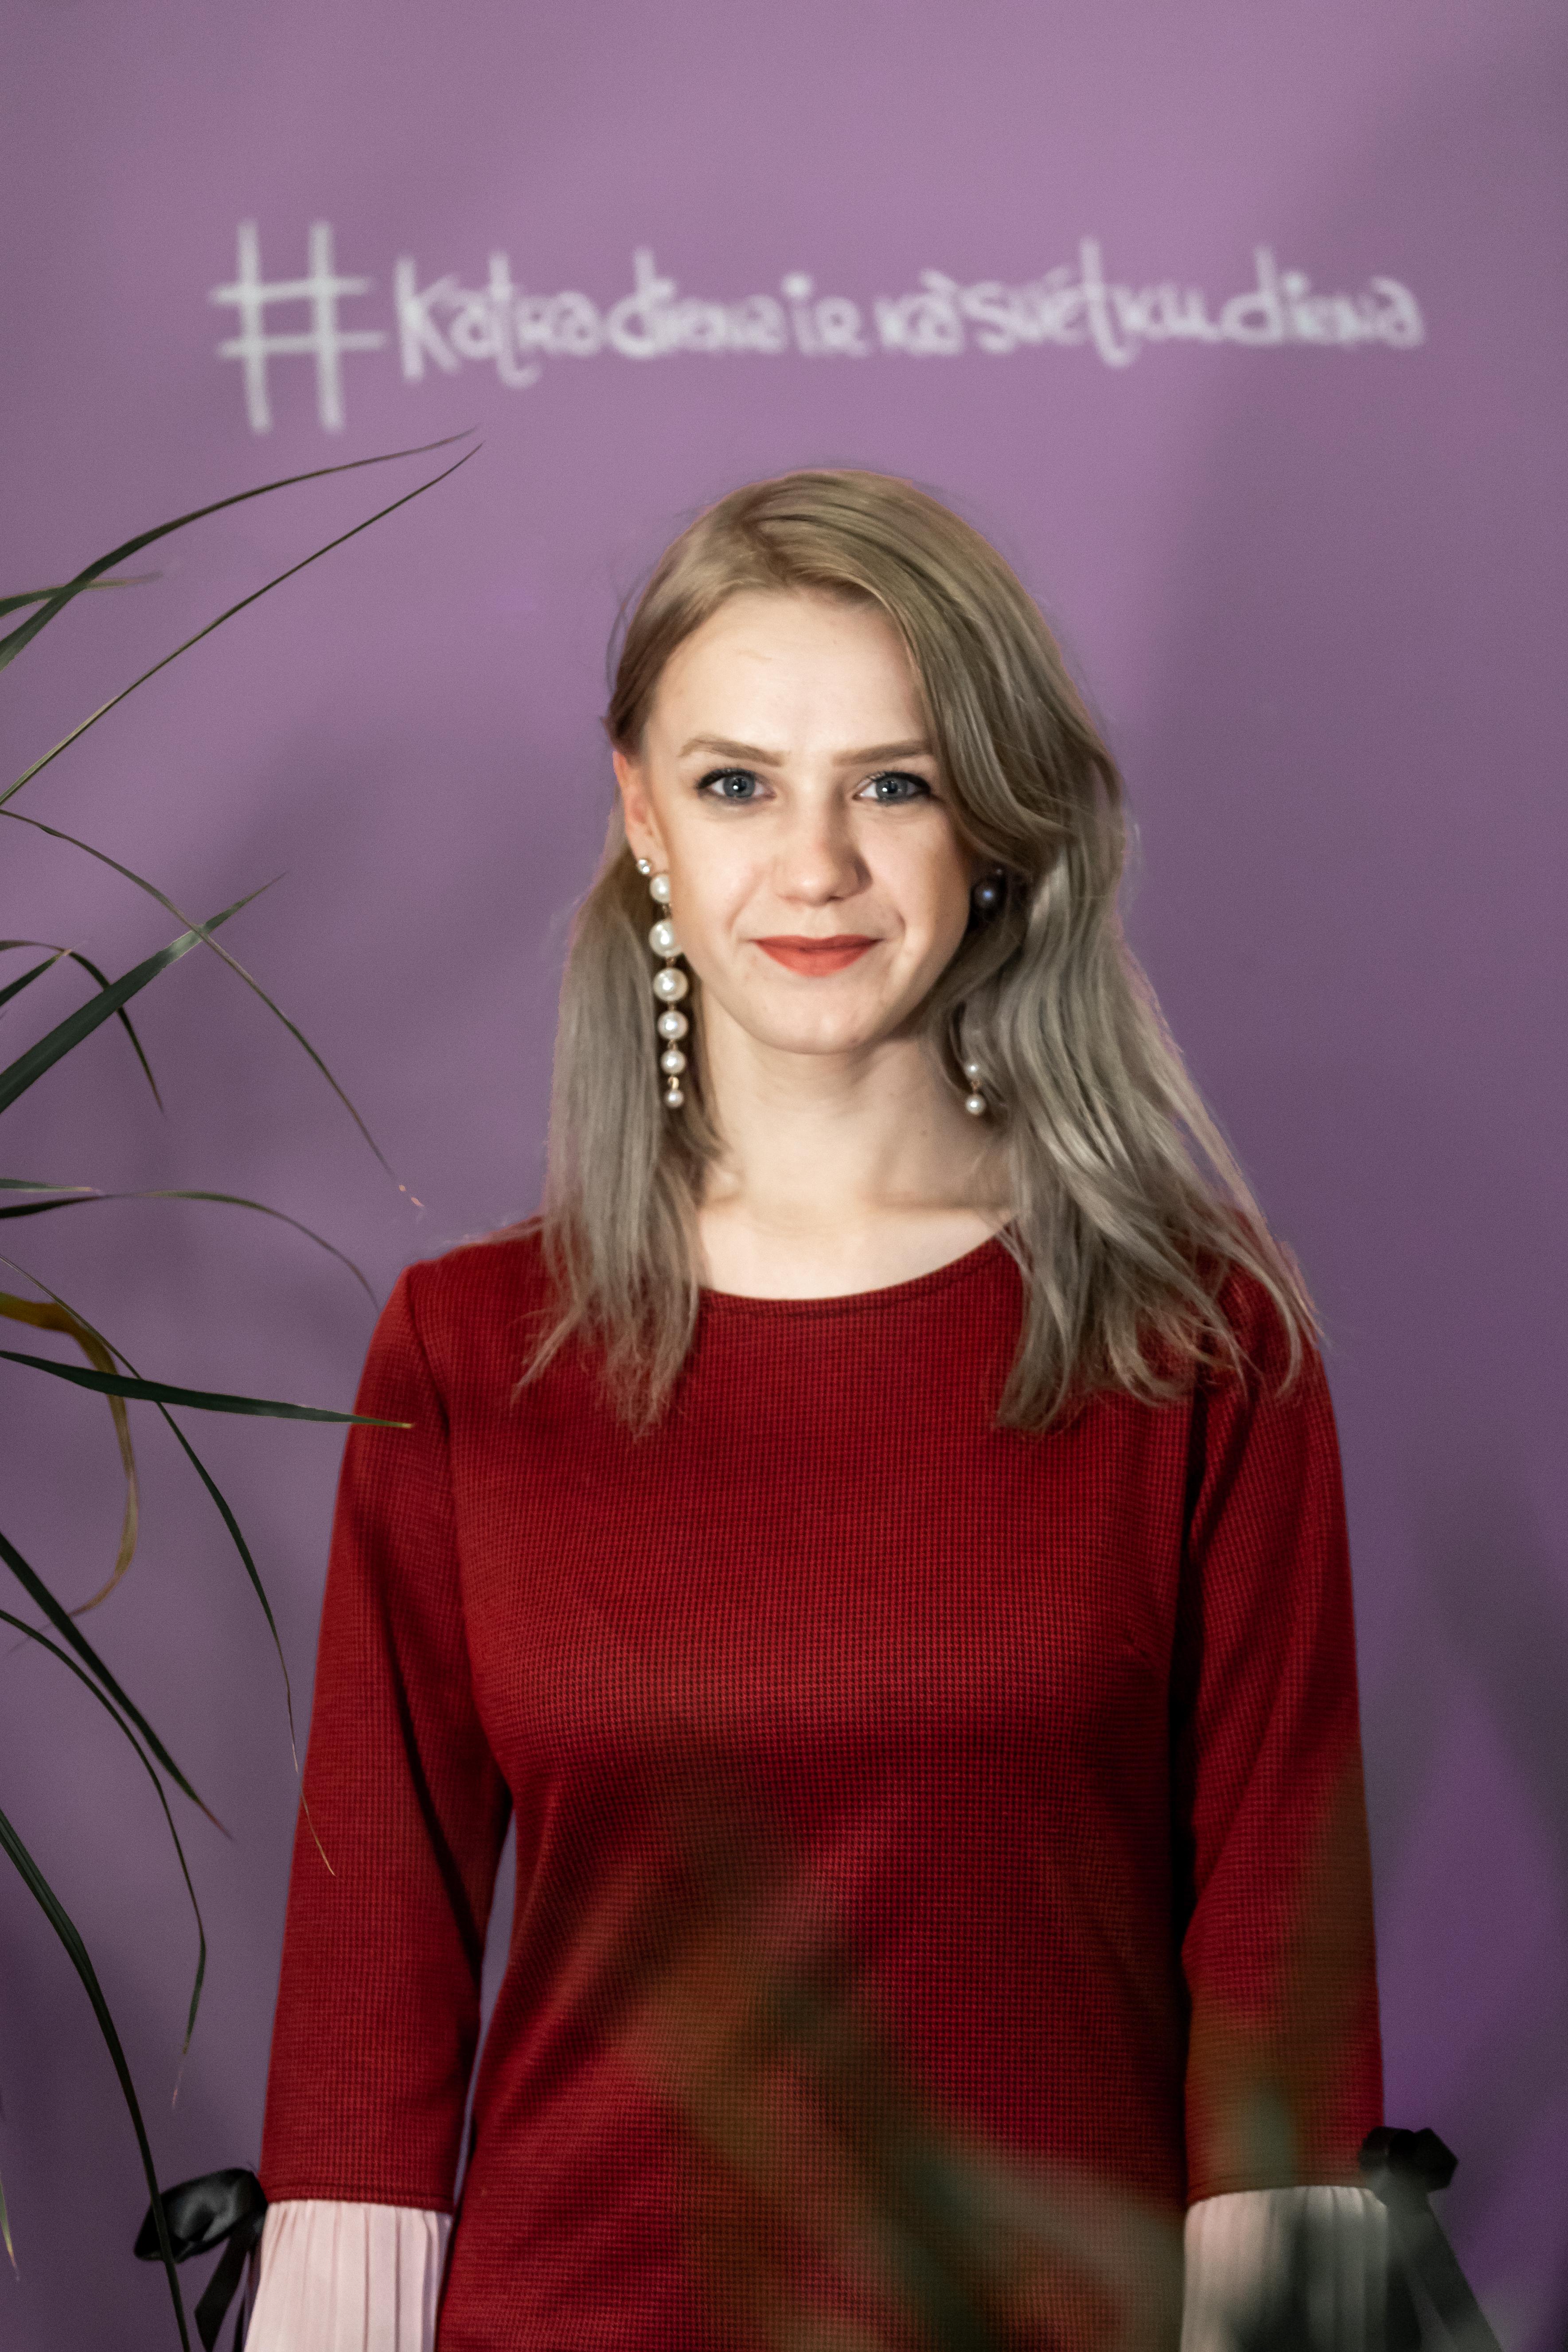 Madara Poplovska